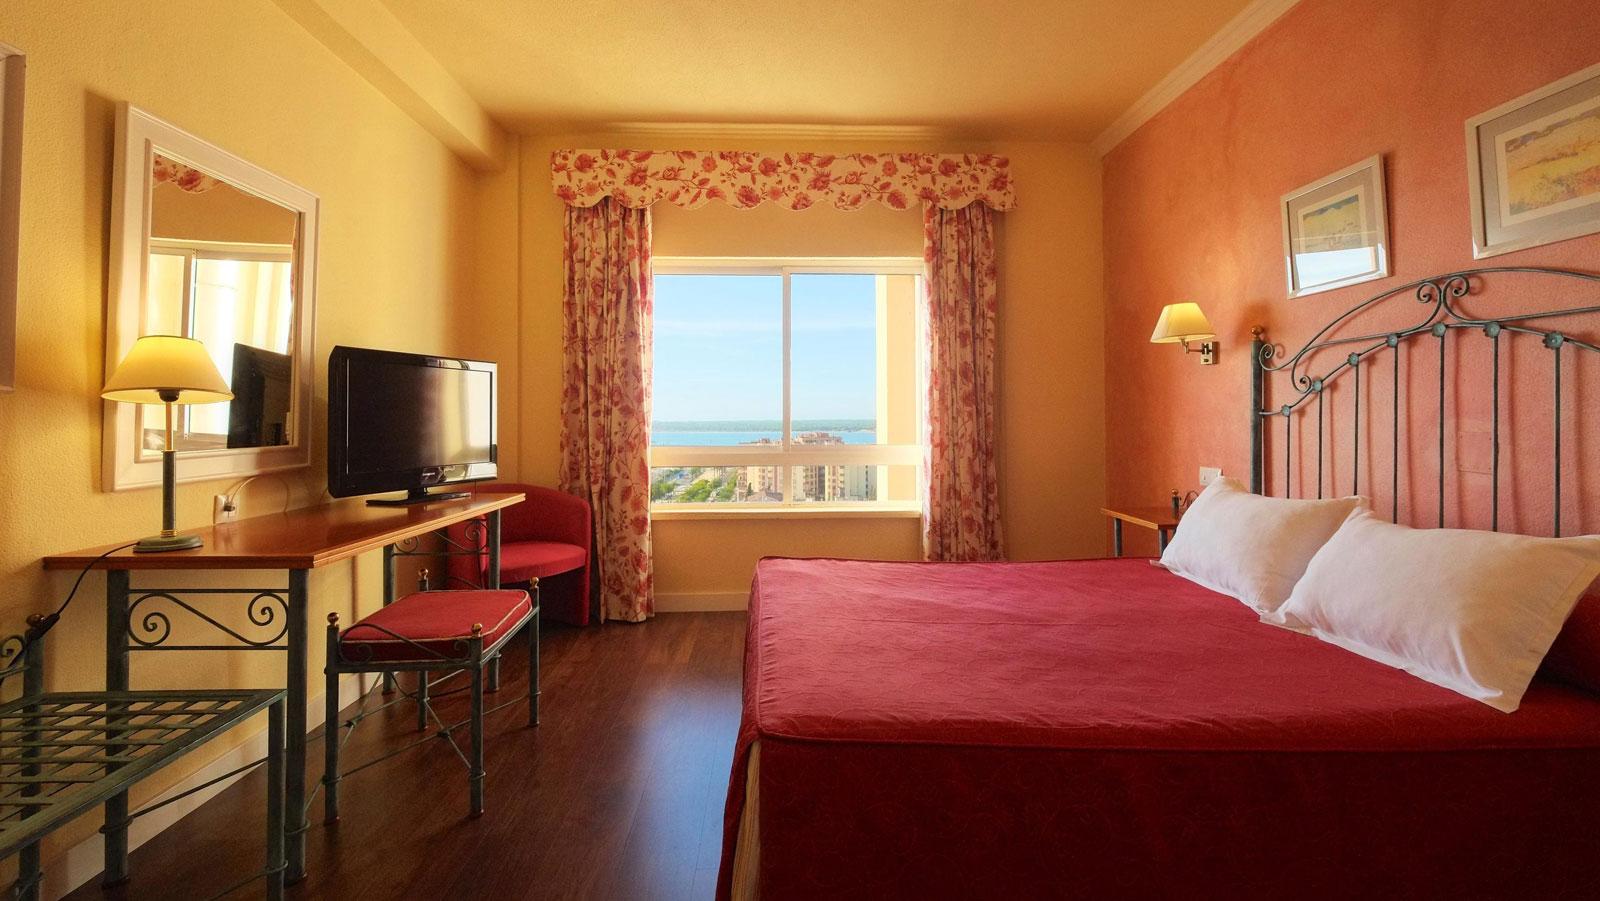 Habitaciones Hotel Guadalquivir